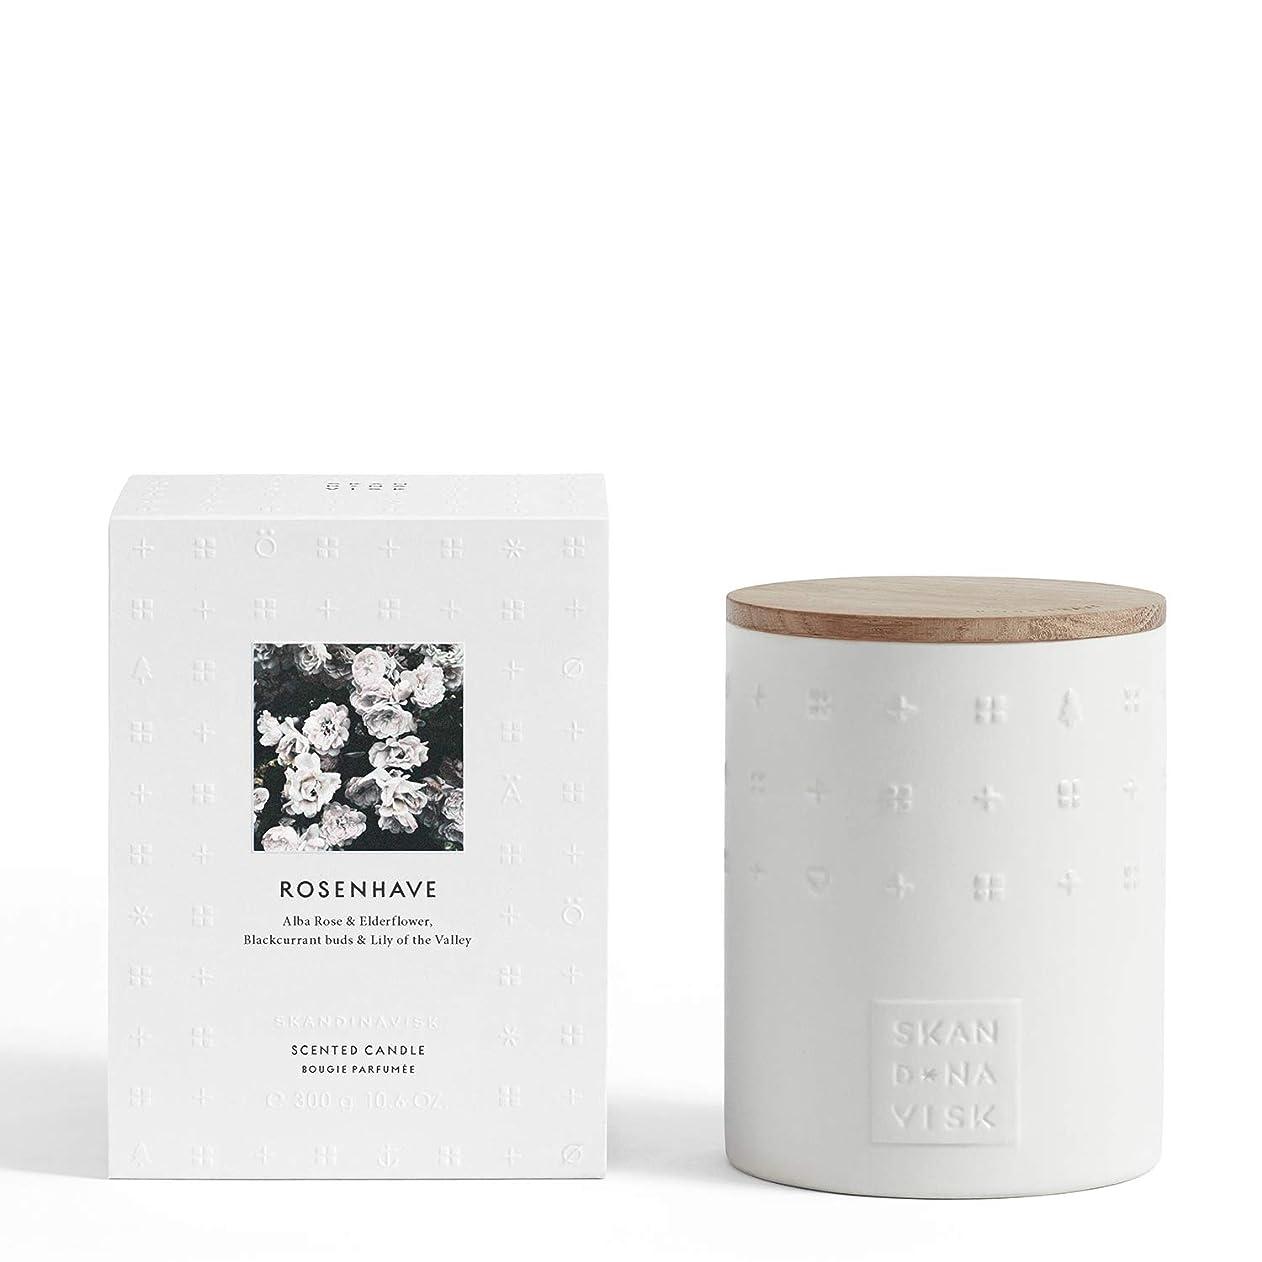 テープ一掃するギャロップSKANDINAVISK エスケープコレクション センテッドキャンドル ROSENHAVE (ROSE GARDEN) 300g